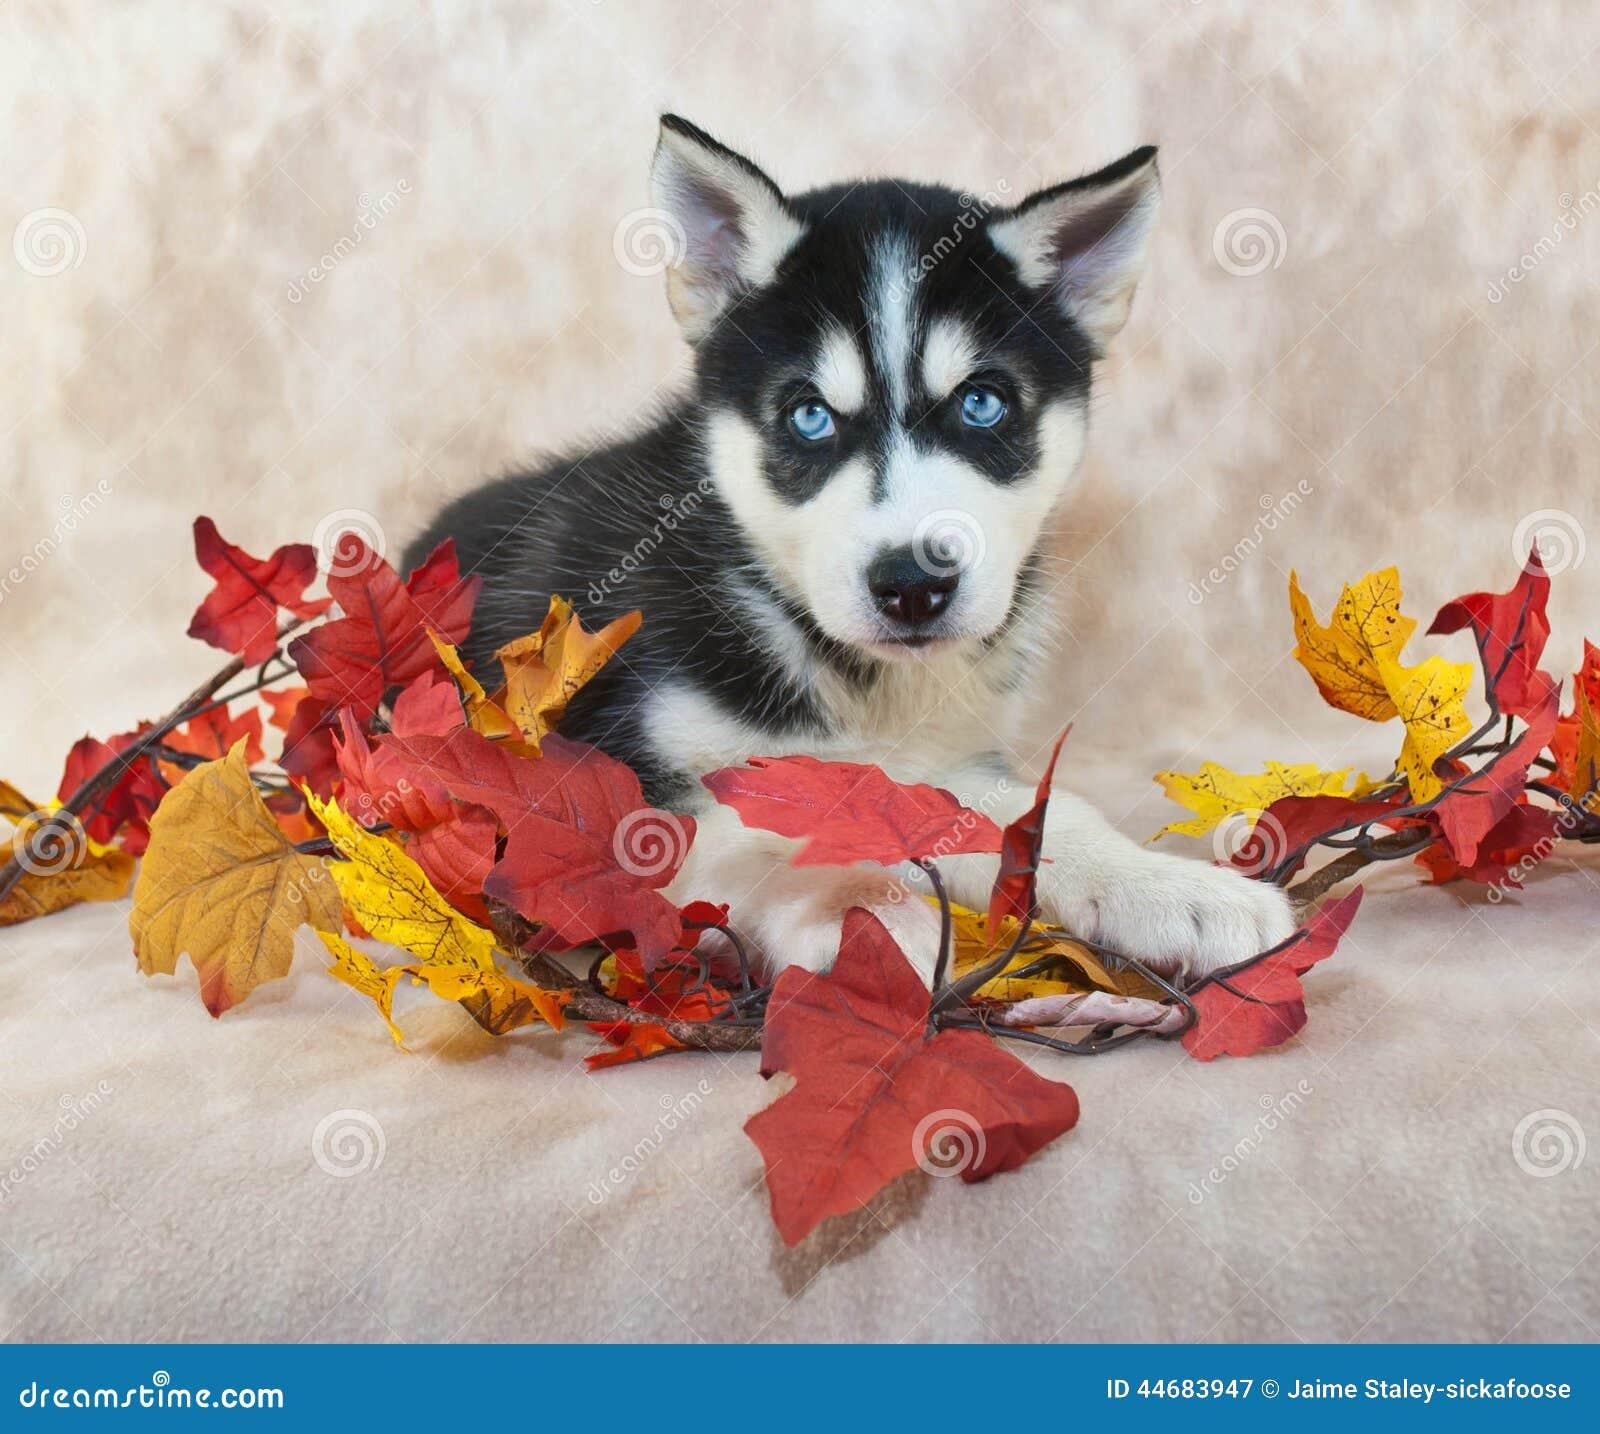 Nedgång Husky Puppy